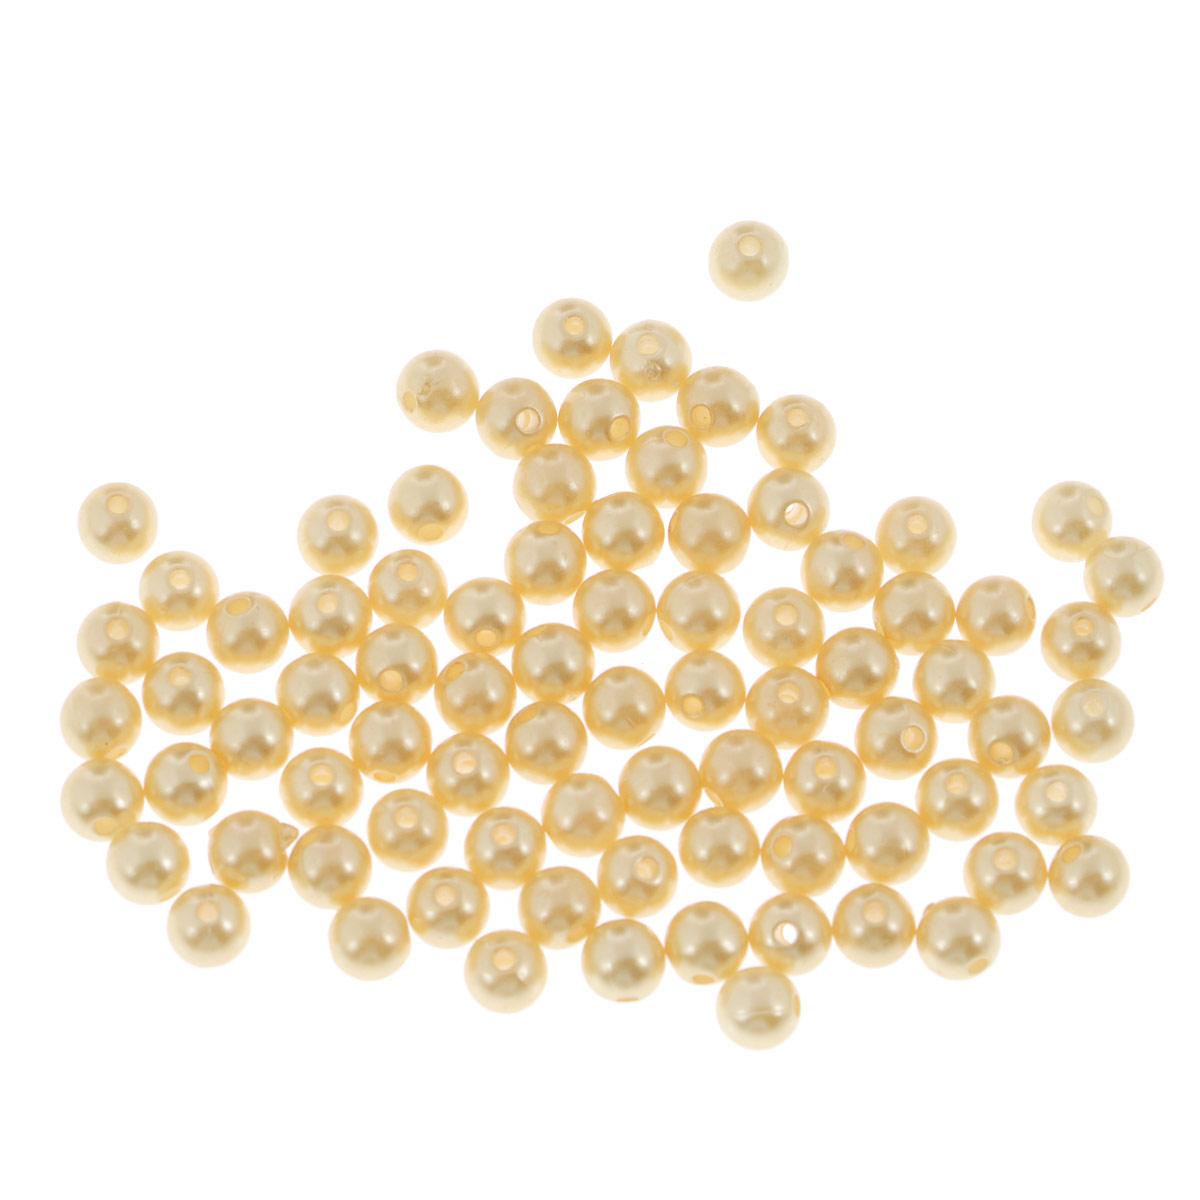 Бусины Астра, цвет: светло-бежевый, диаметр 6 мм, 25 г. 7706544_0057706544_005Набор бусин Астра, изготовленный из пластика, позволит вам своими руками создать оригинальные ожерелья, бусы или браслеты. Бусины оригинального дизайна круглой формы оснащены гладкой поверхностью. Изготовление украшений - занимательное хобби и реализация творческих способностей рукодельницы, это возможность создания неповторимого индивидуального подарка. Диаметр бусины: 6 мм.